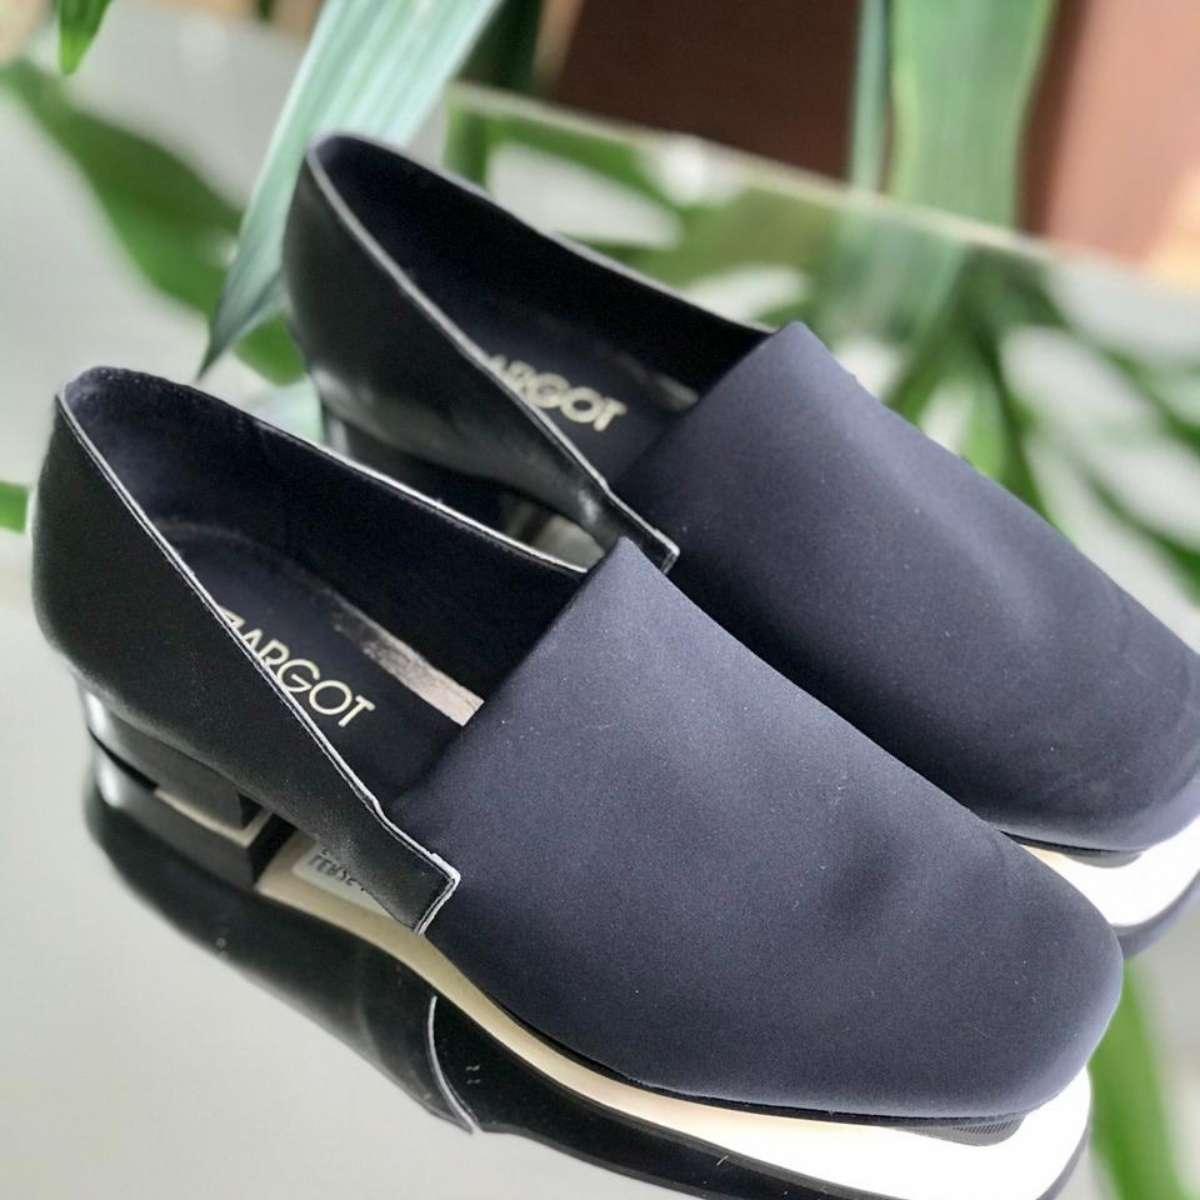 Sapato Mestiço Margot LER25-I21 Neoprene